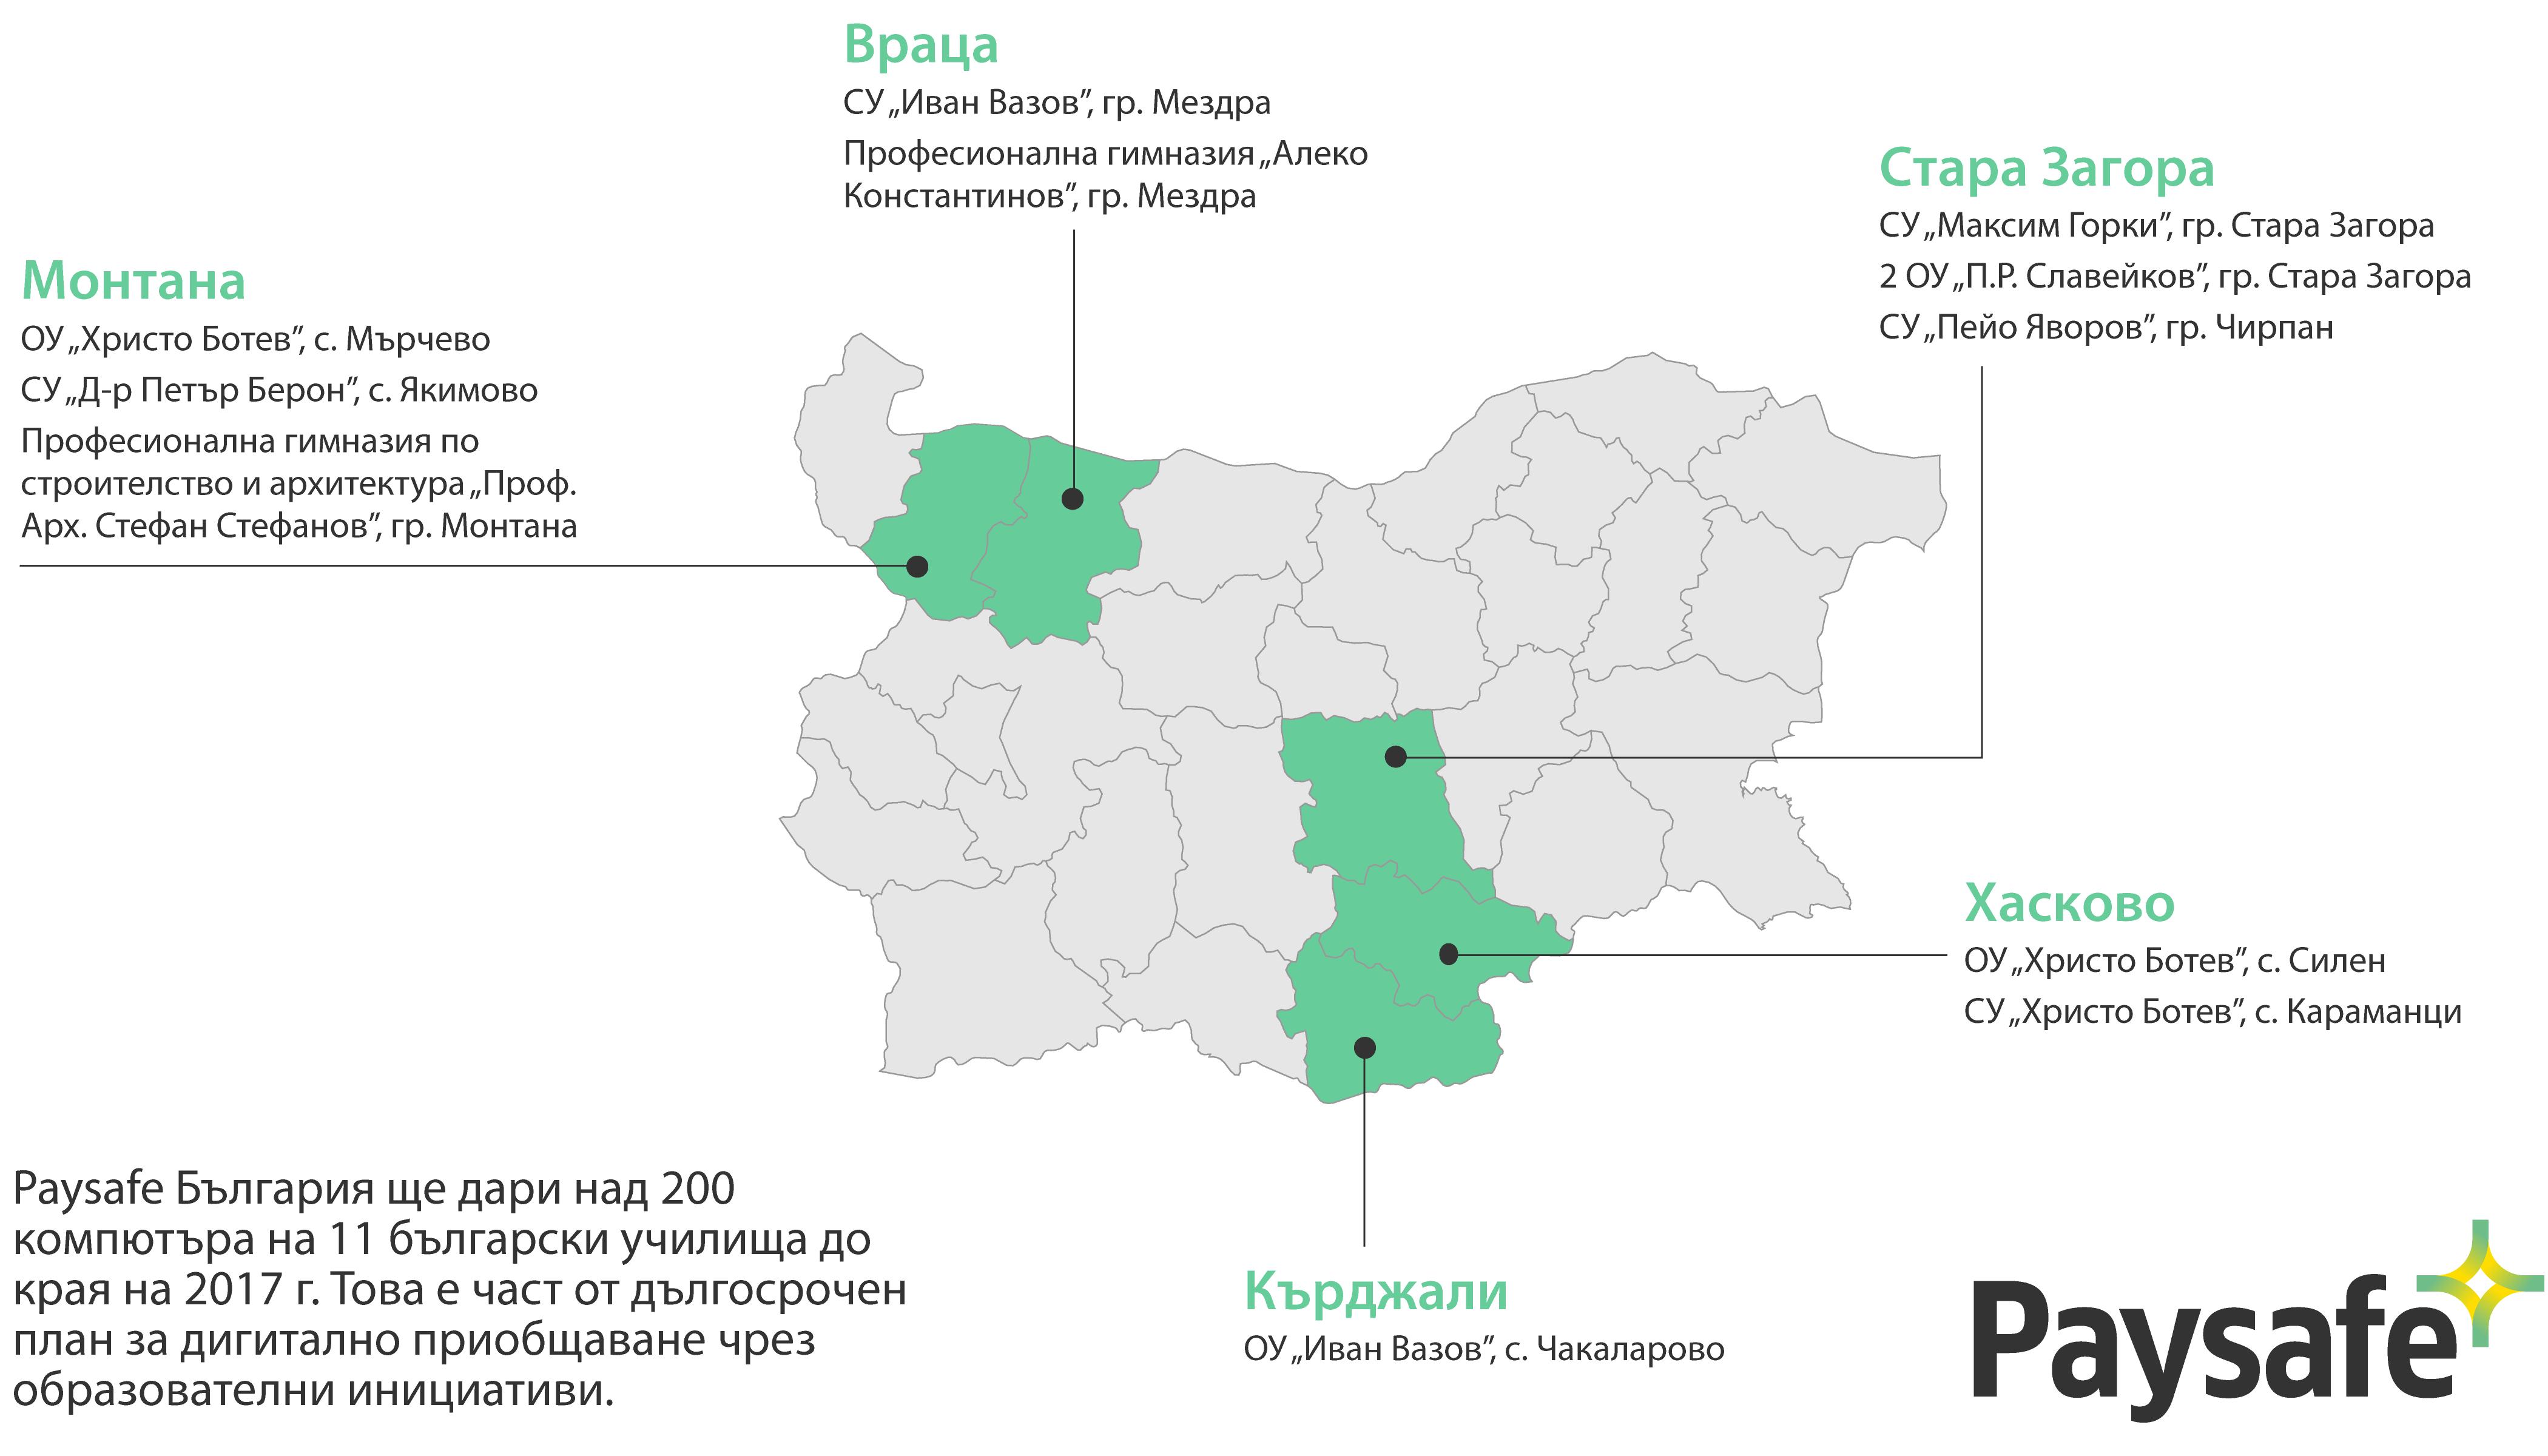 Paysafe_Bulgaria_Map_Laptop Donation_BUL